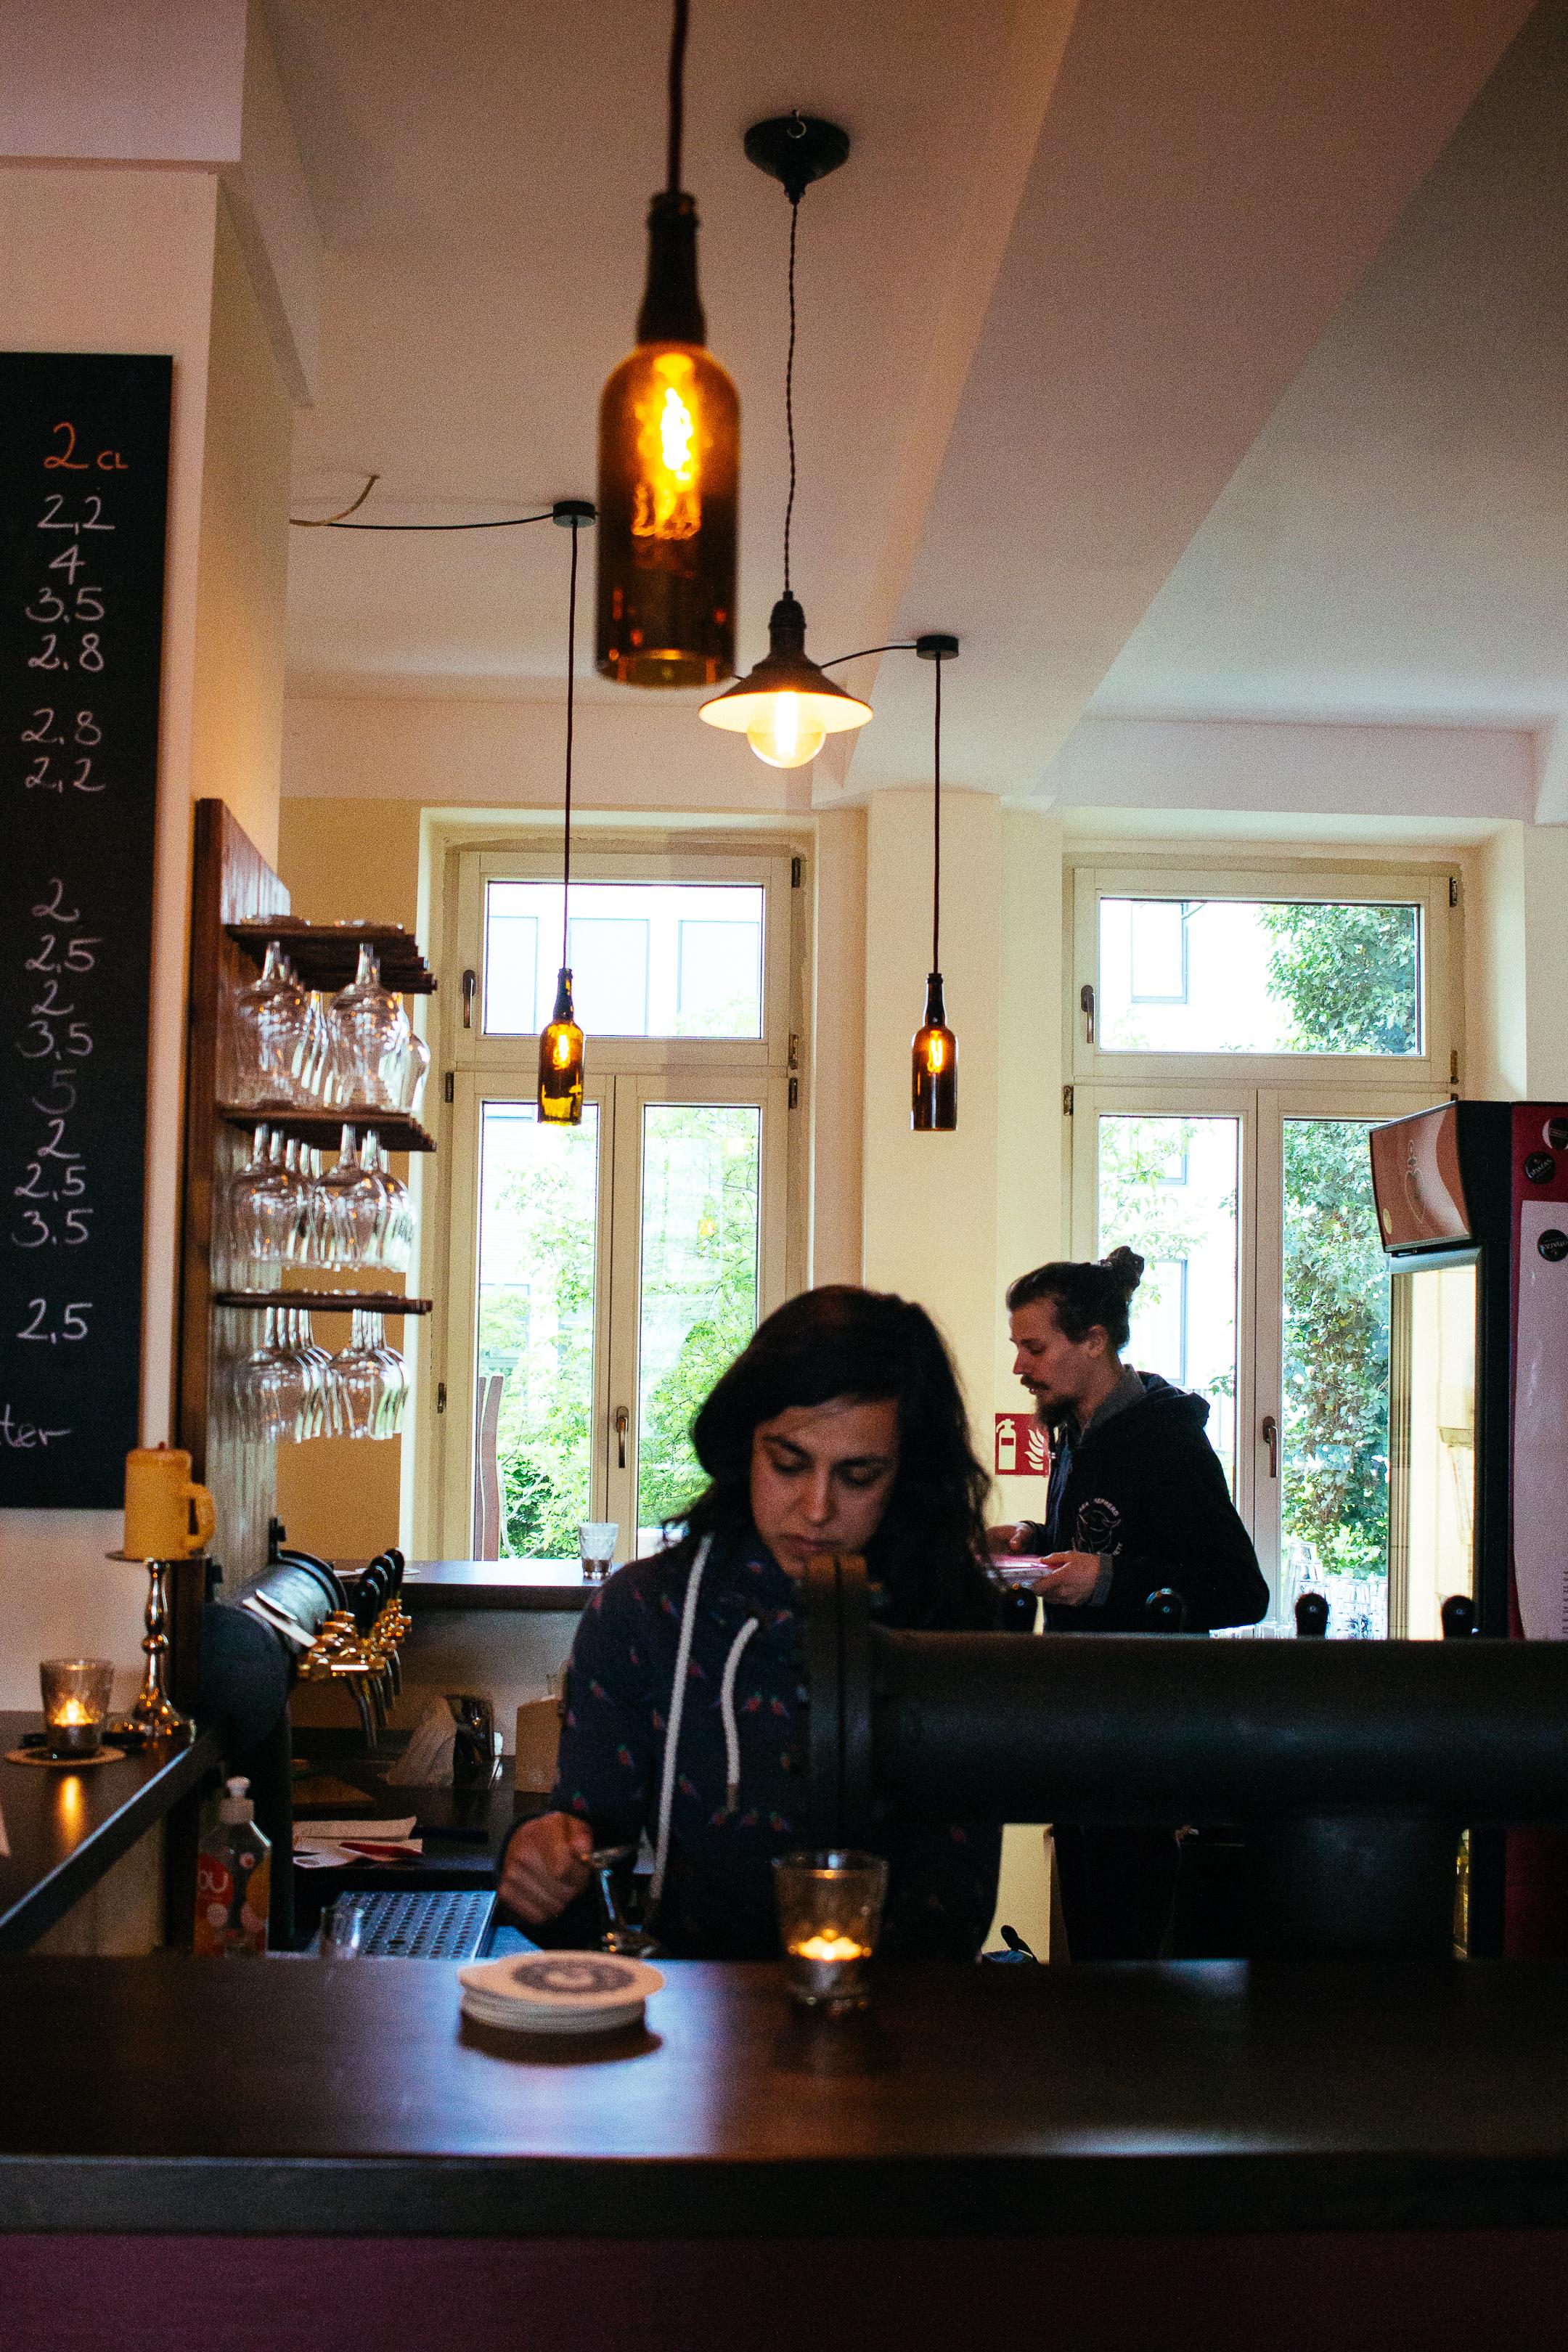 dr.hops_craft beer bar_leipzig_annabelle sagt10